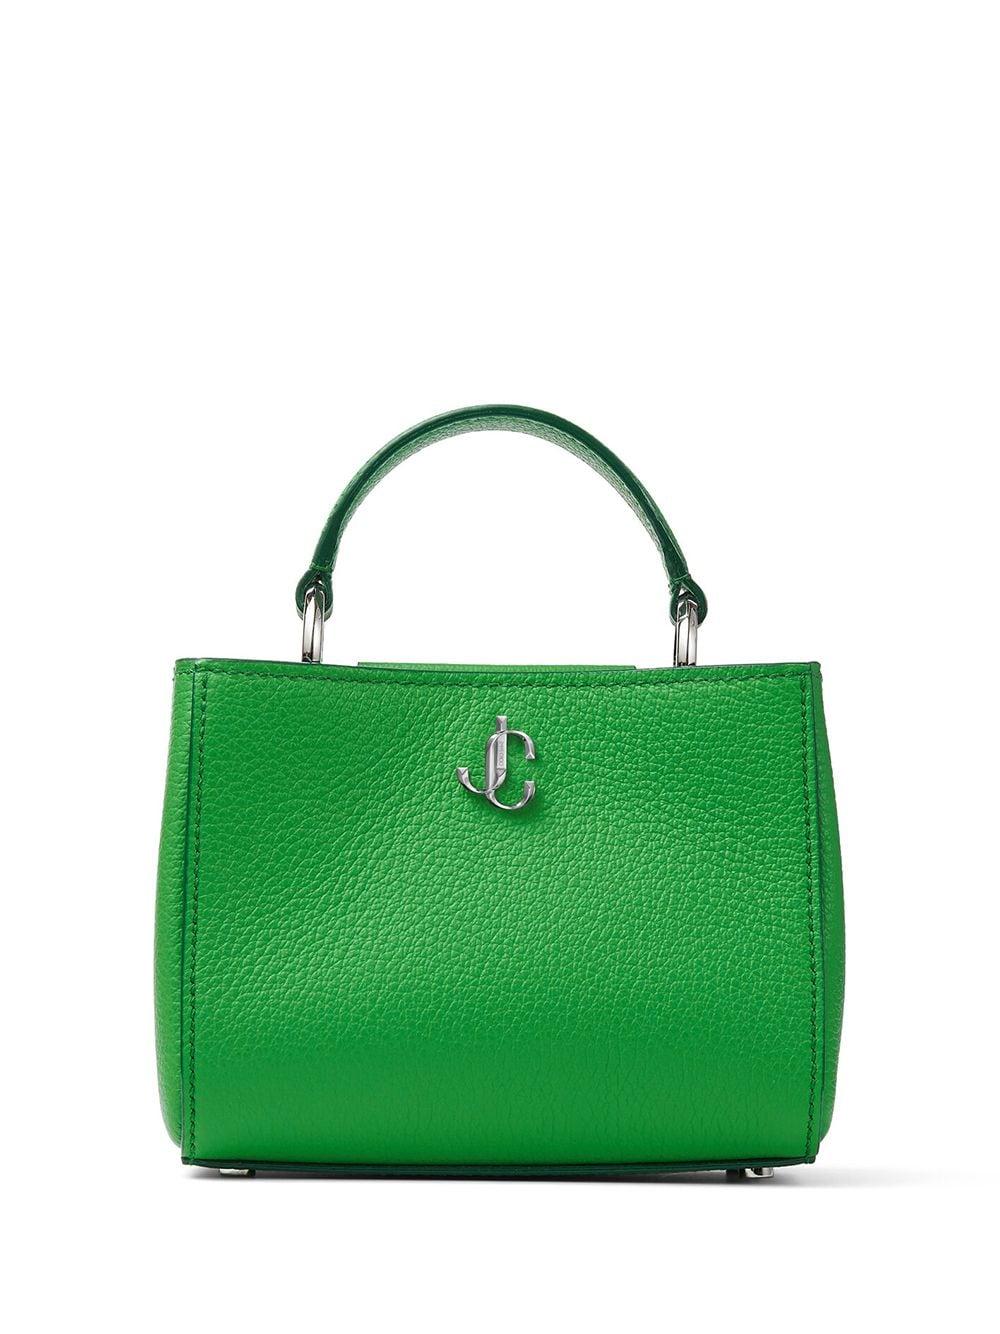 Jimmy Choo Mini Handtasche mit Henkel - Grün